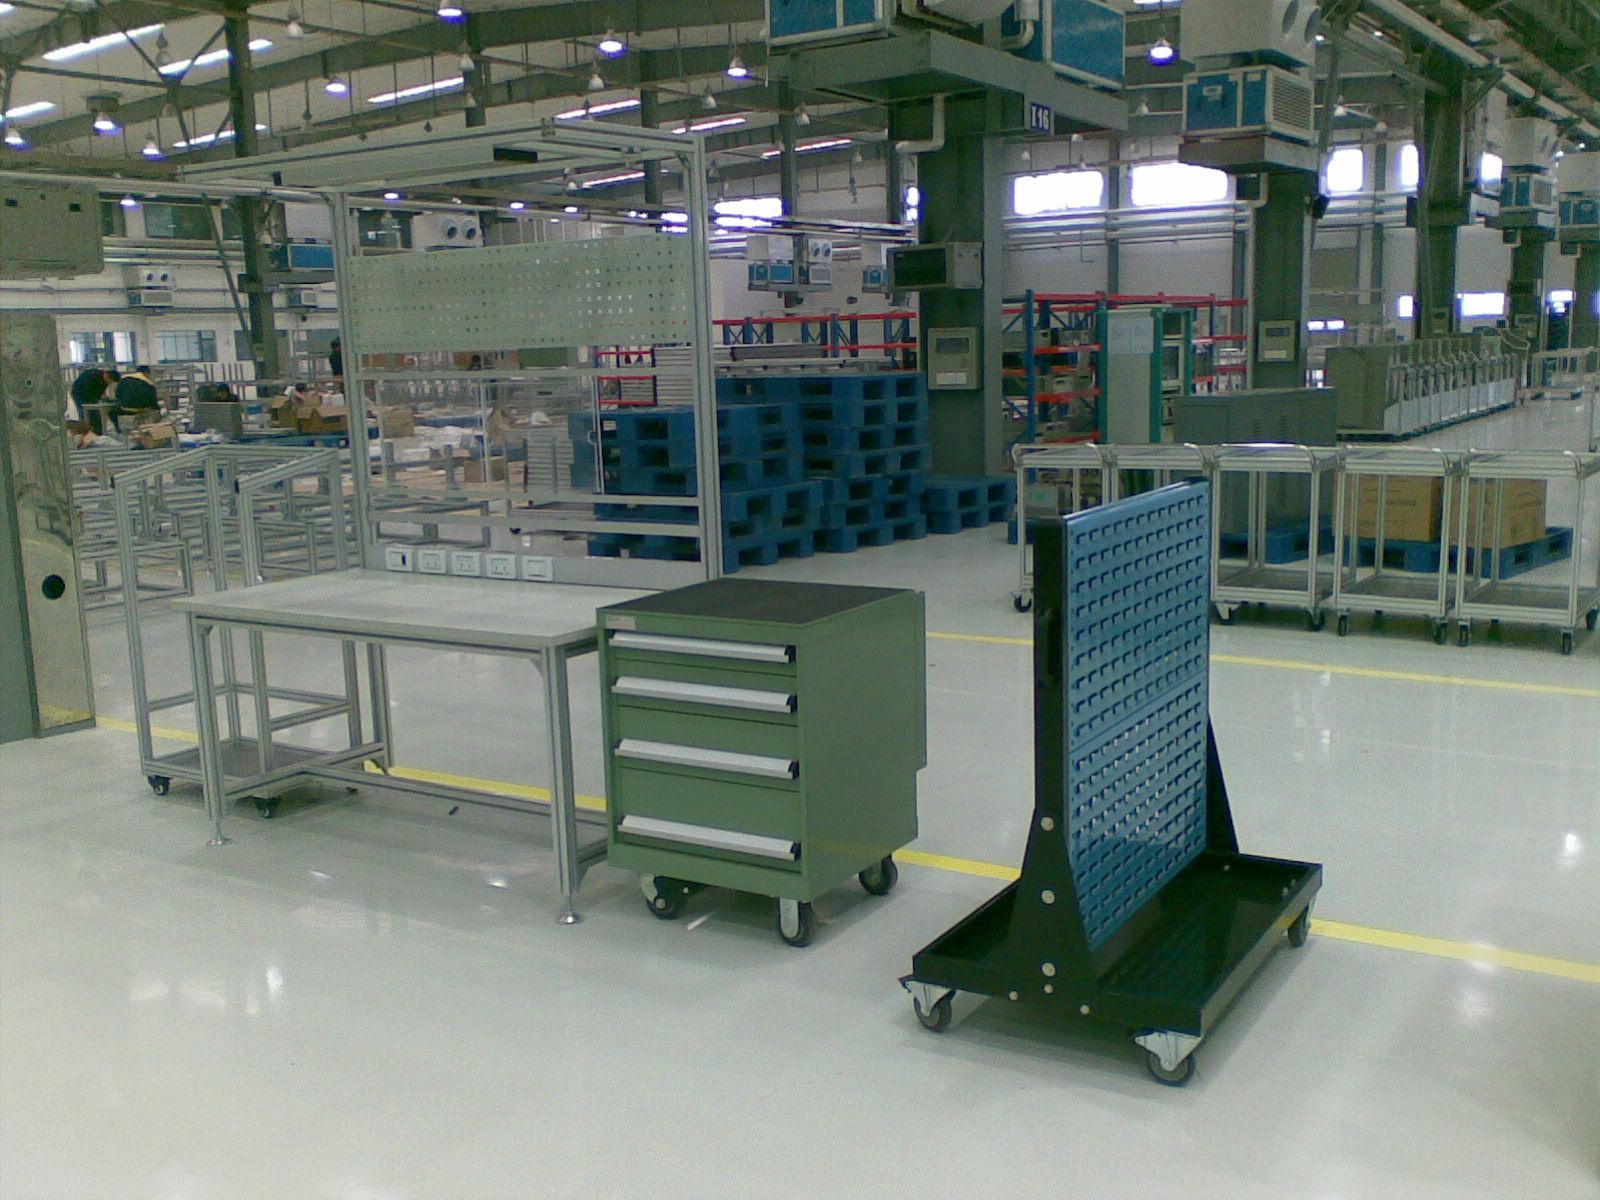 物料架定制 货架定制 货架厂家定制 物料架厂家定制